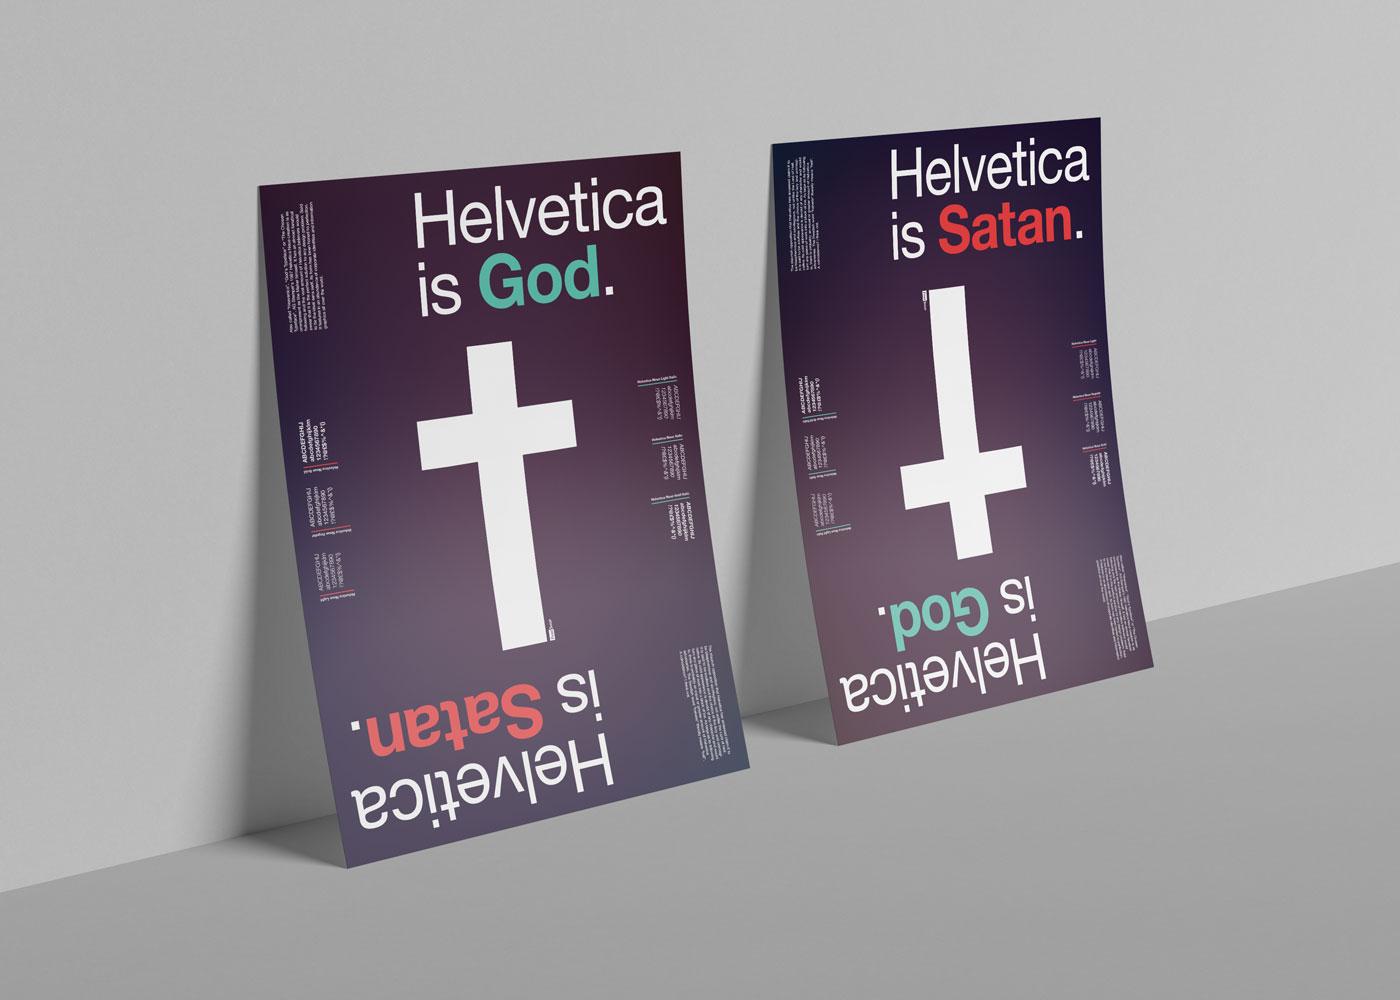 Helvetica is God/Satan